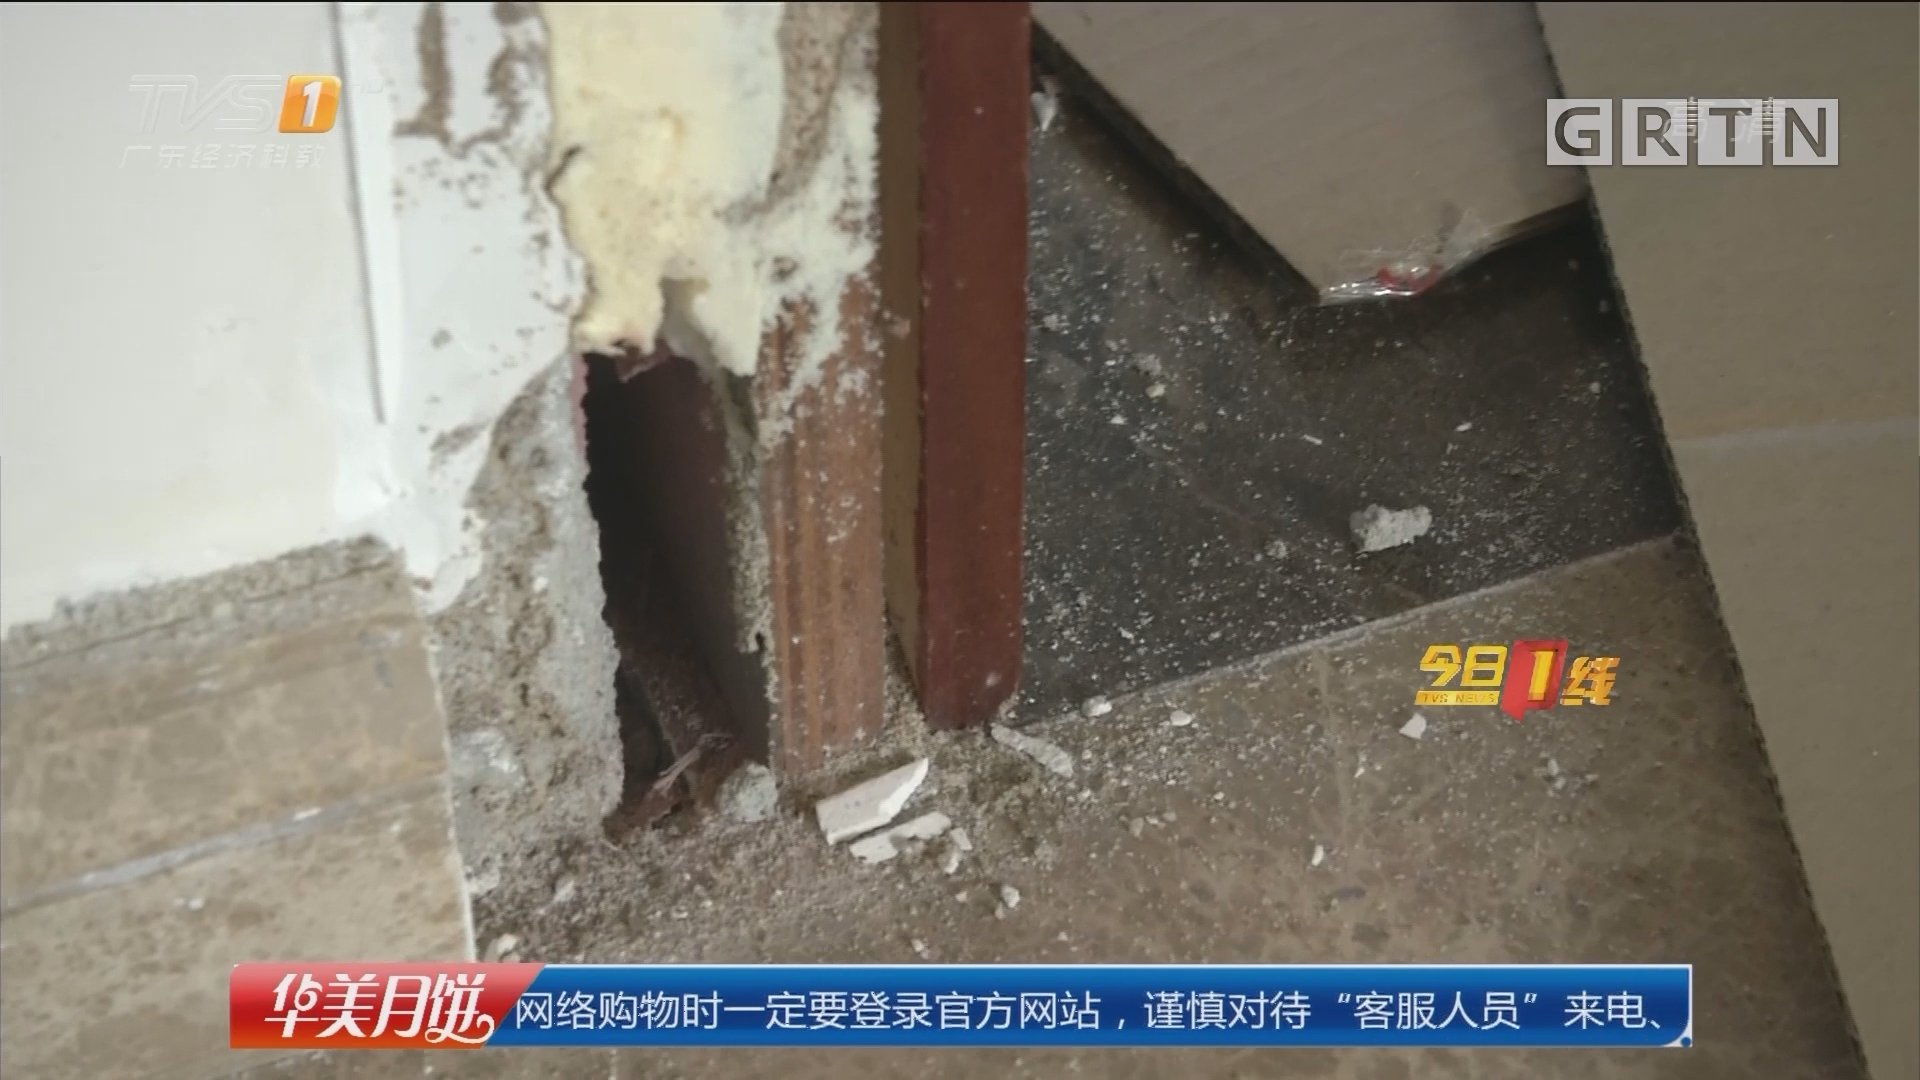 广州:业主新居遭白蚁入侵 渗水惹祸?